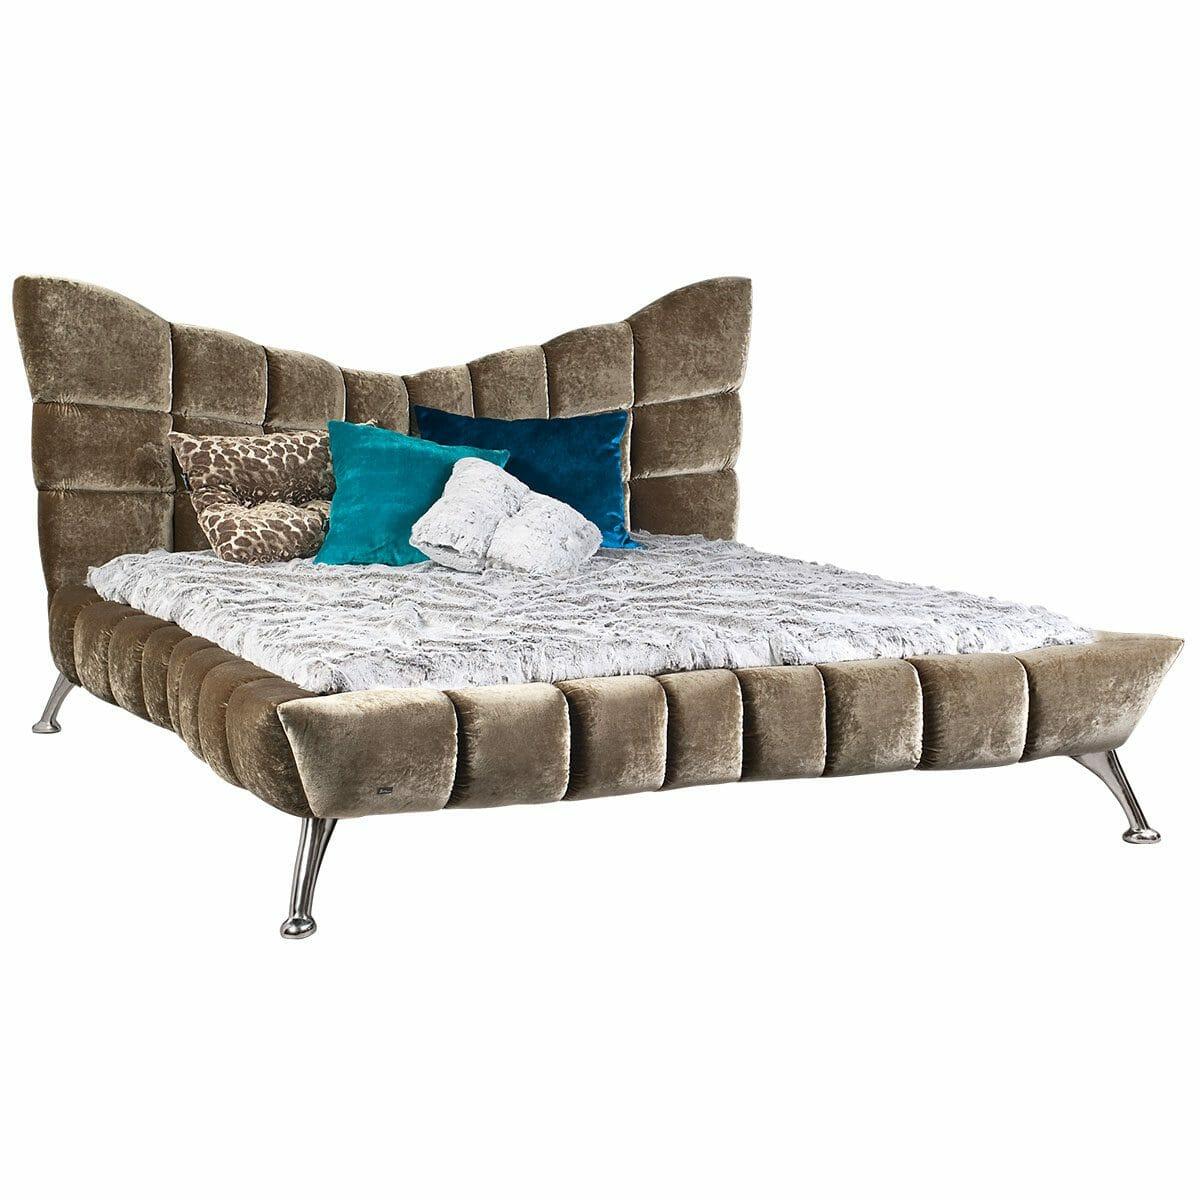 Bretz Bett CLOUD7 W154 in austernpilz mit Ponyhuf Füßen